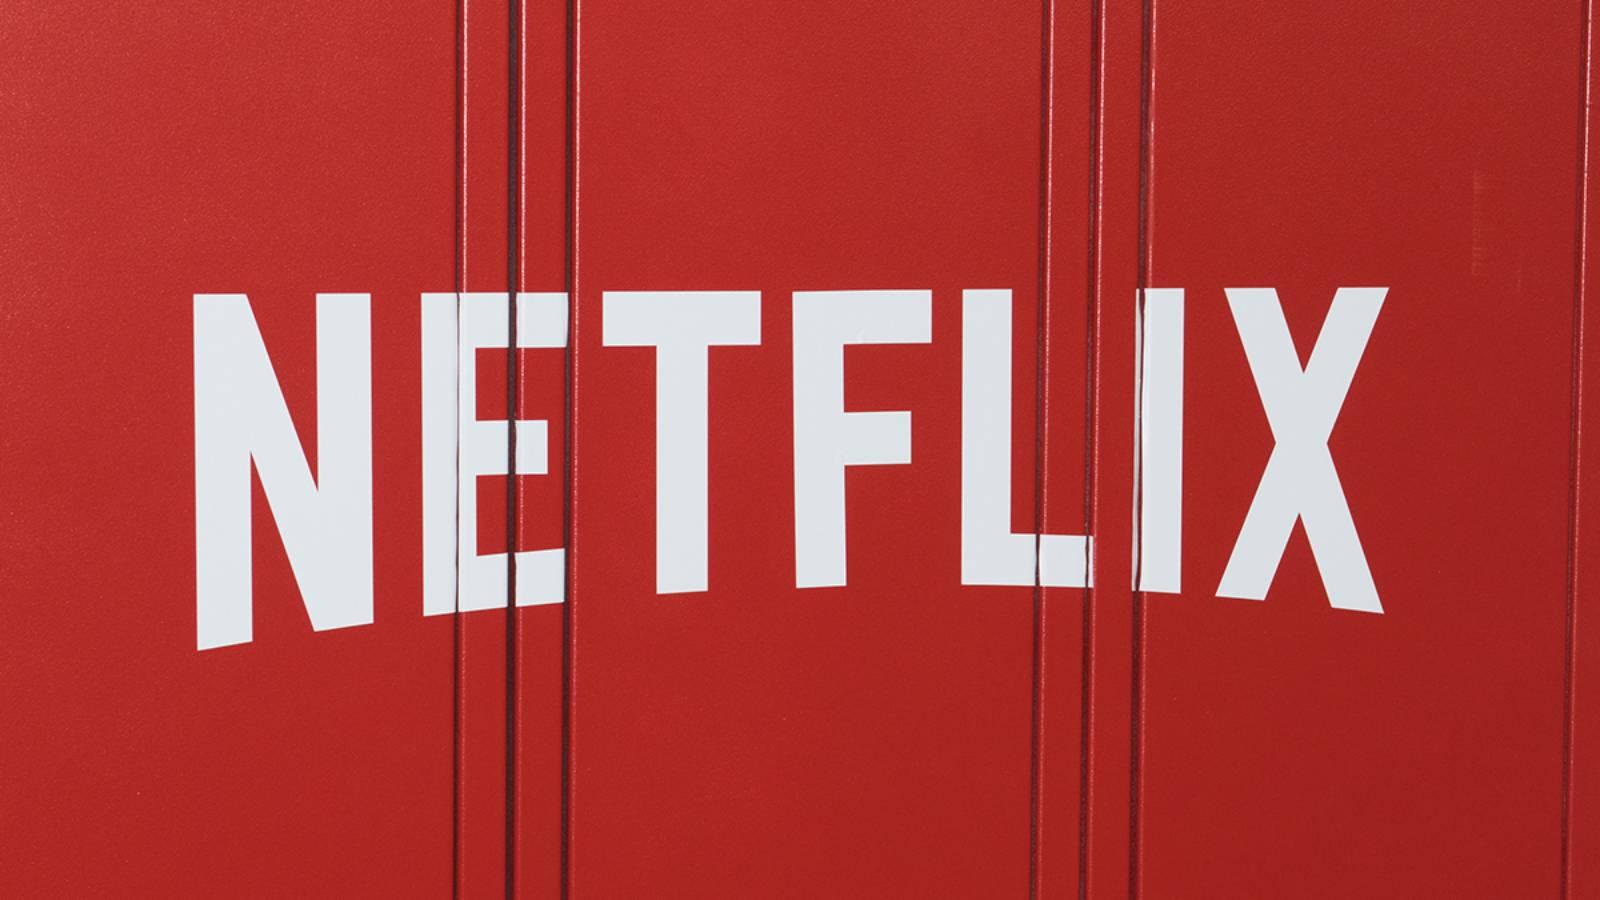 Netflix avantaje